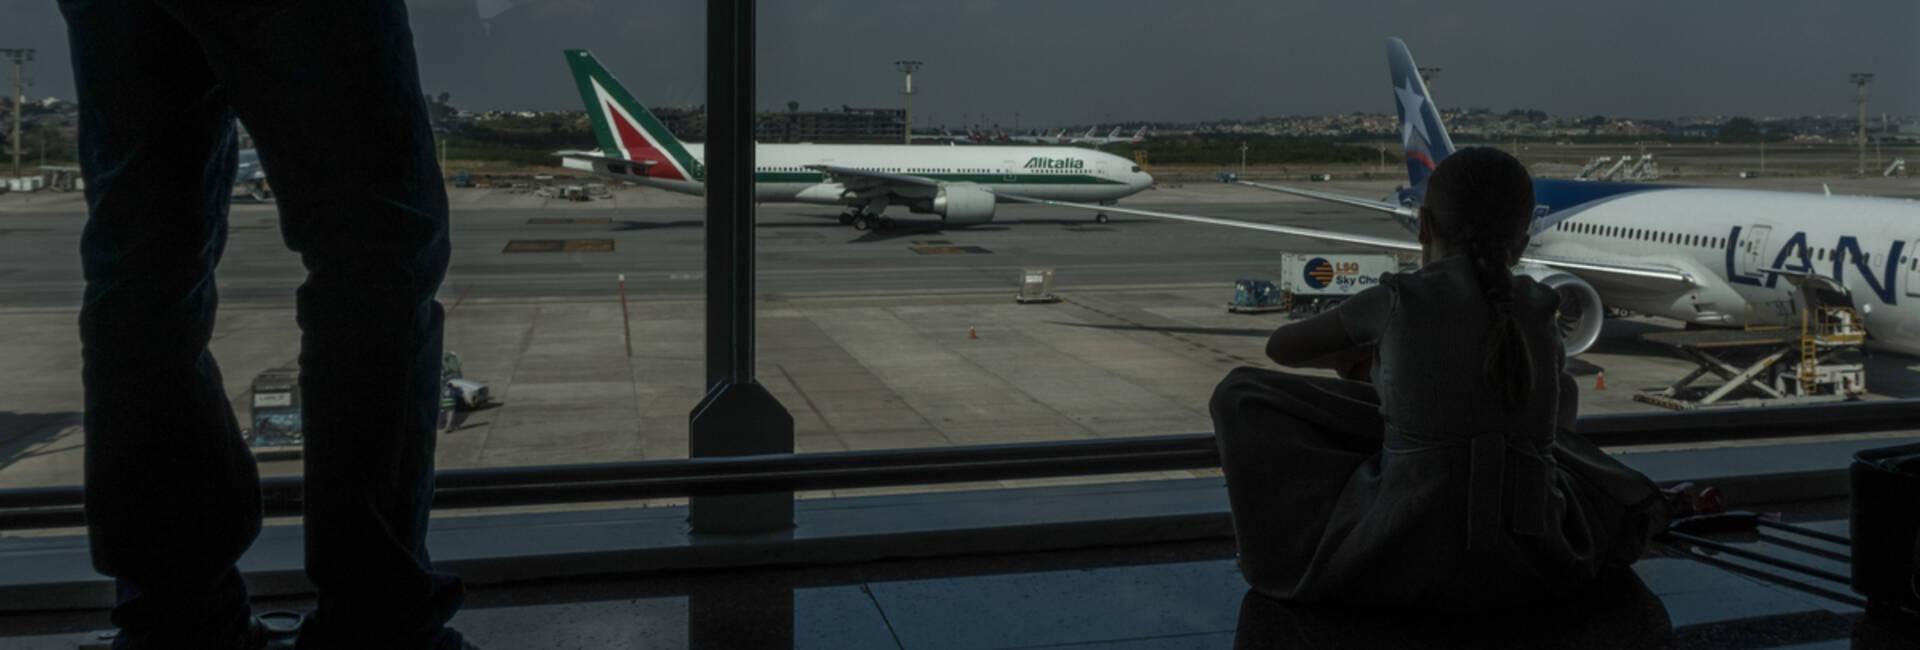 Variados de Airport